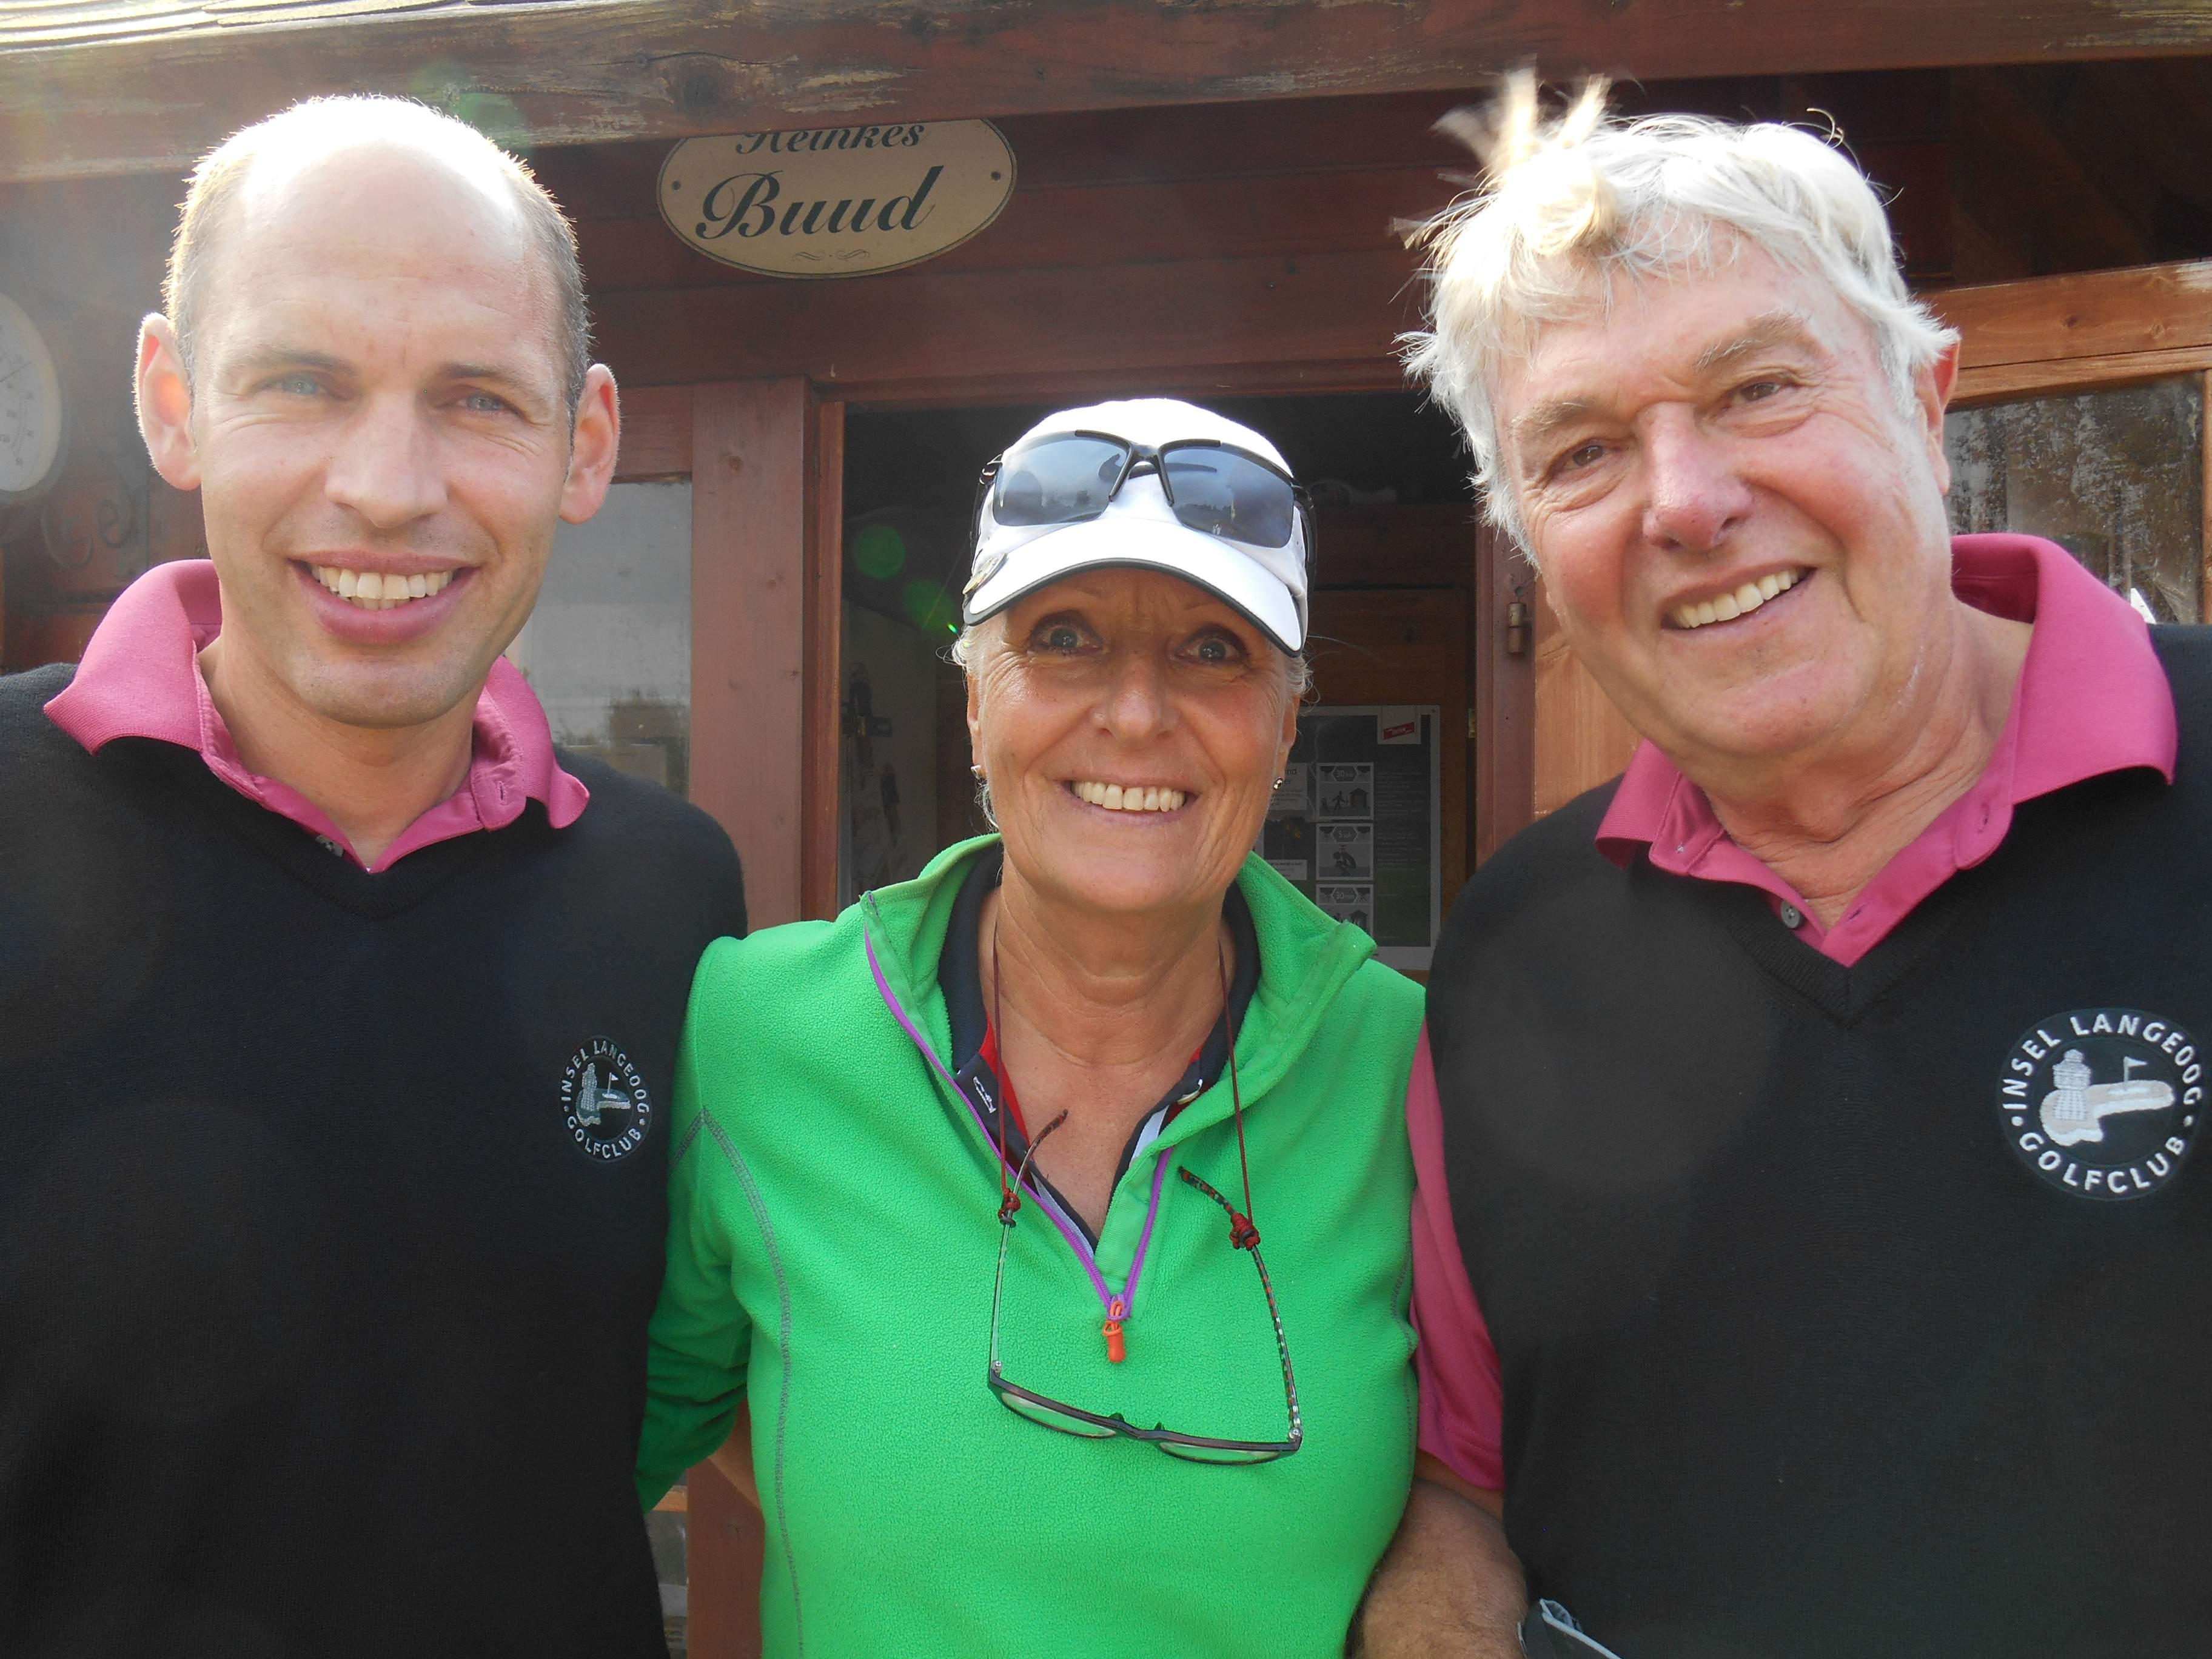 GC Langeoog Vize-Präsident Bernhard mit Annelie und GC Langeoog Präsident Jens